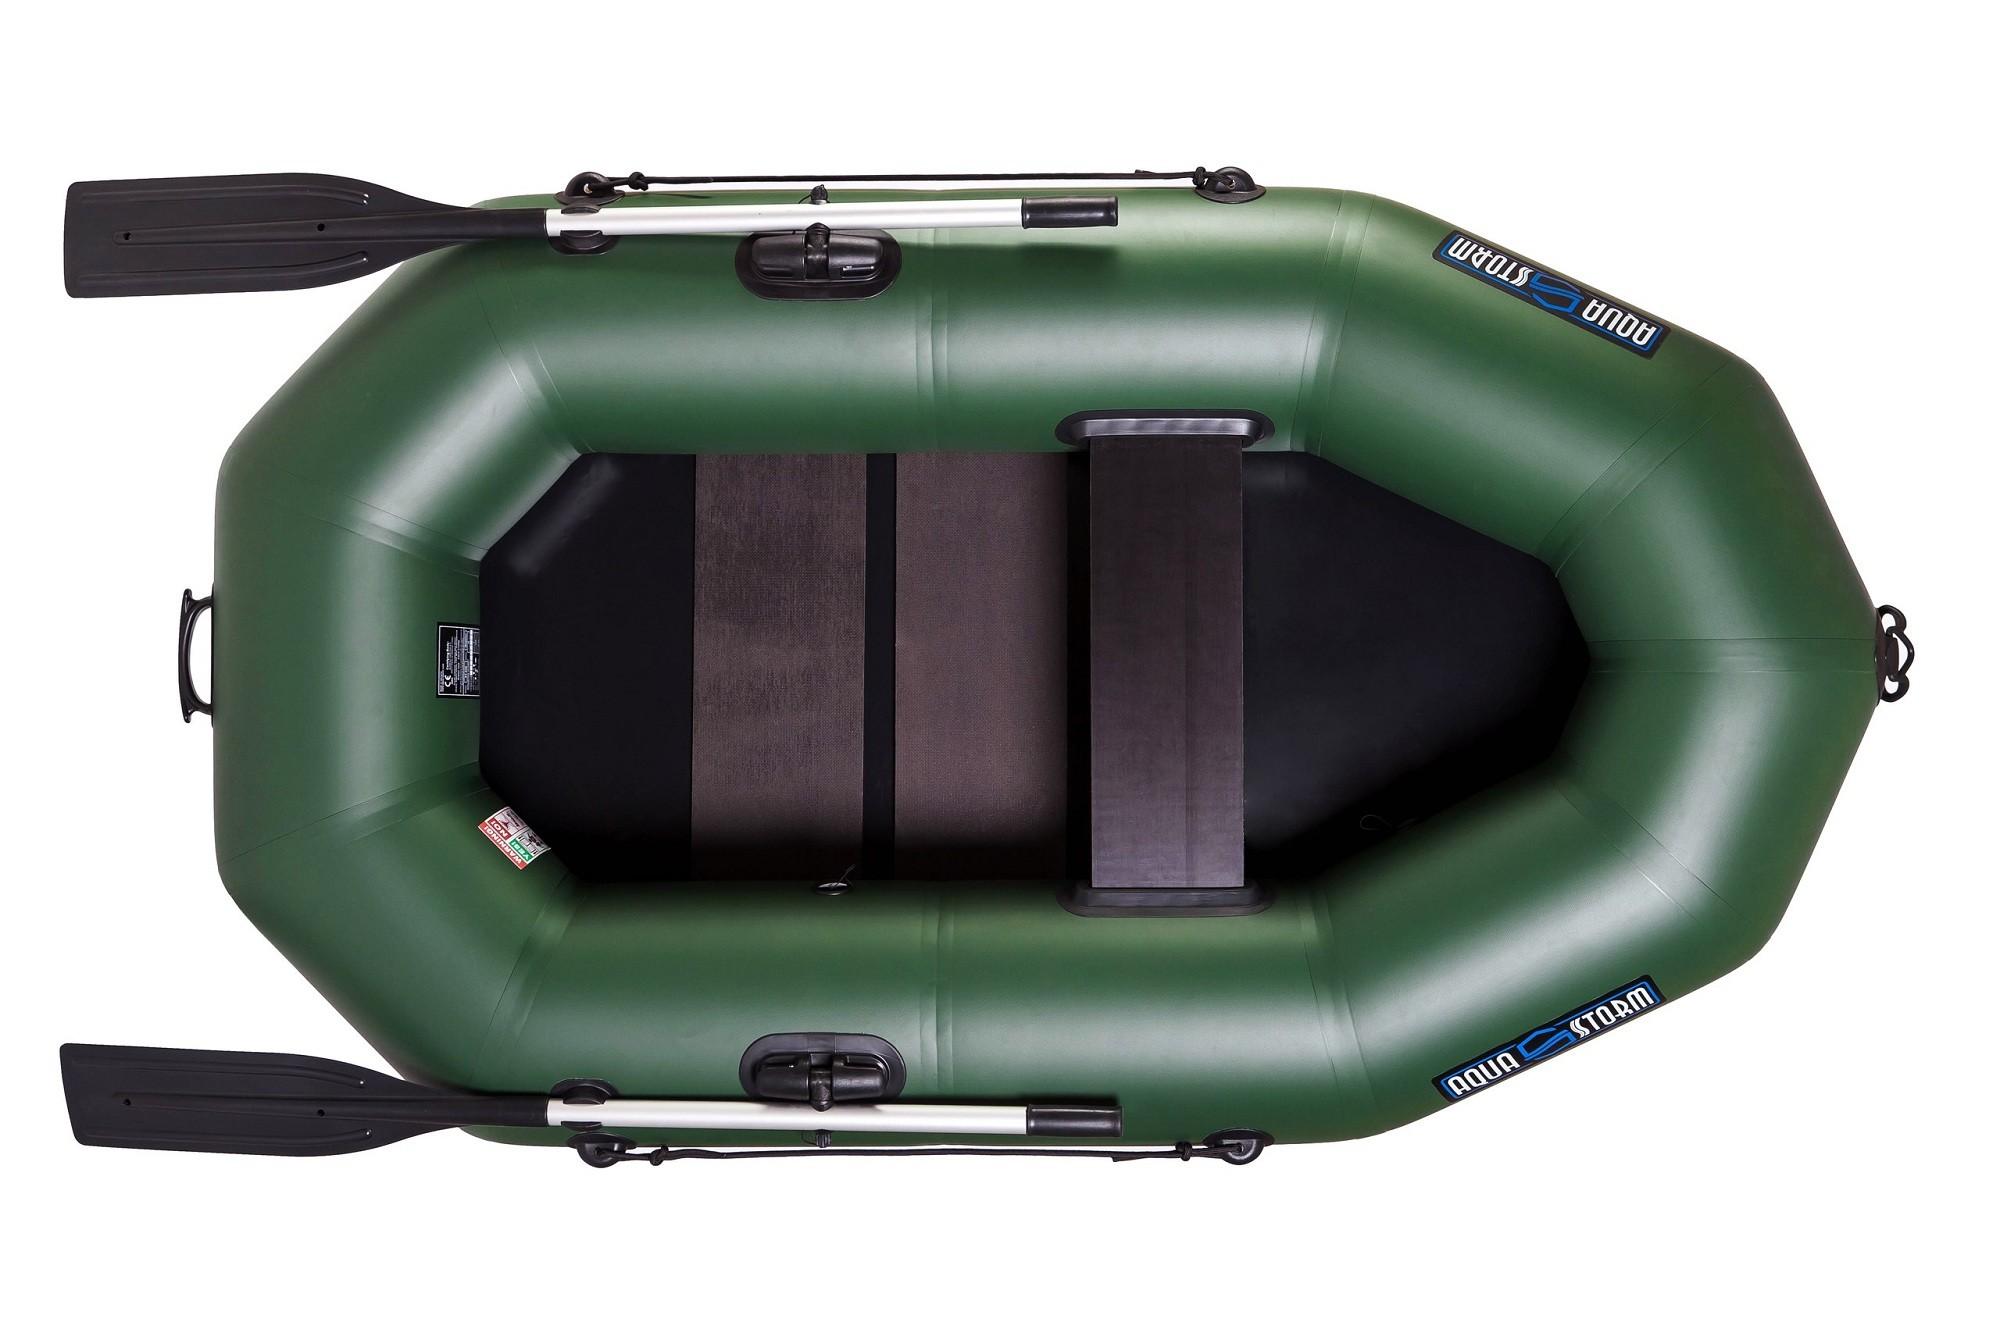 Лодка шторм: обзор моделей, сравнение и характеристики